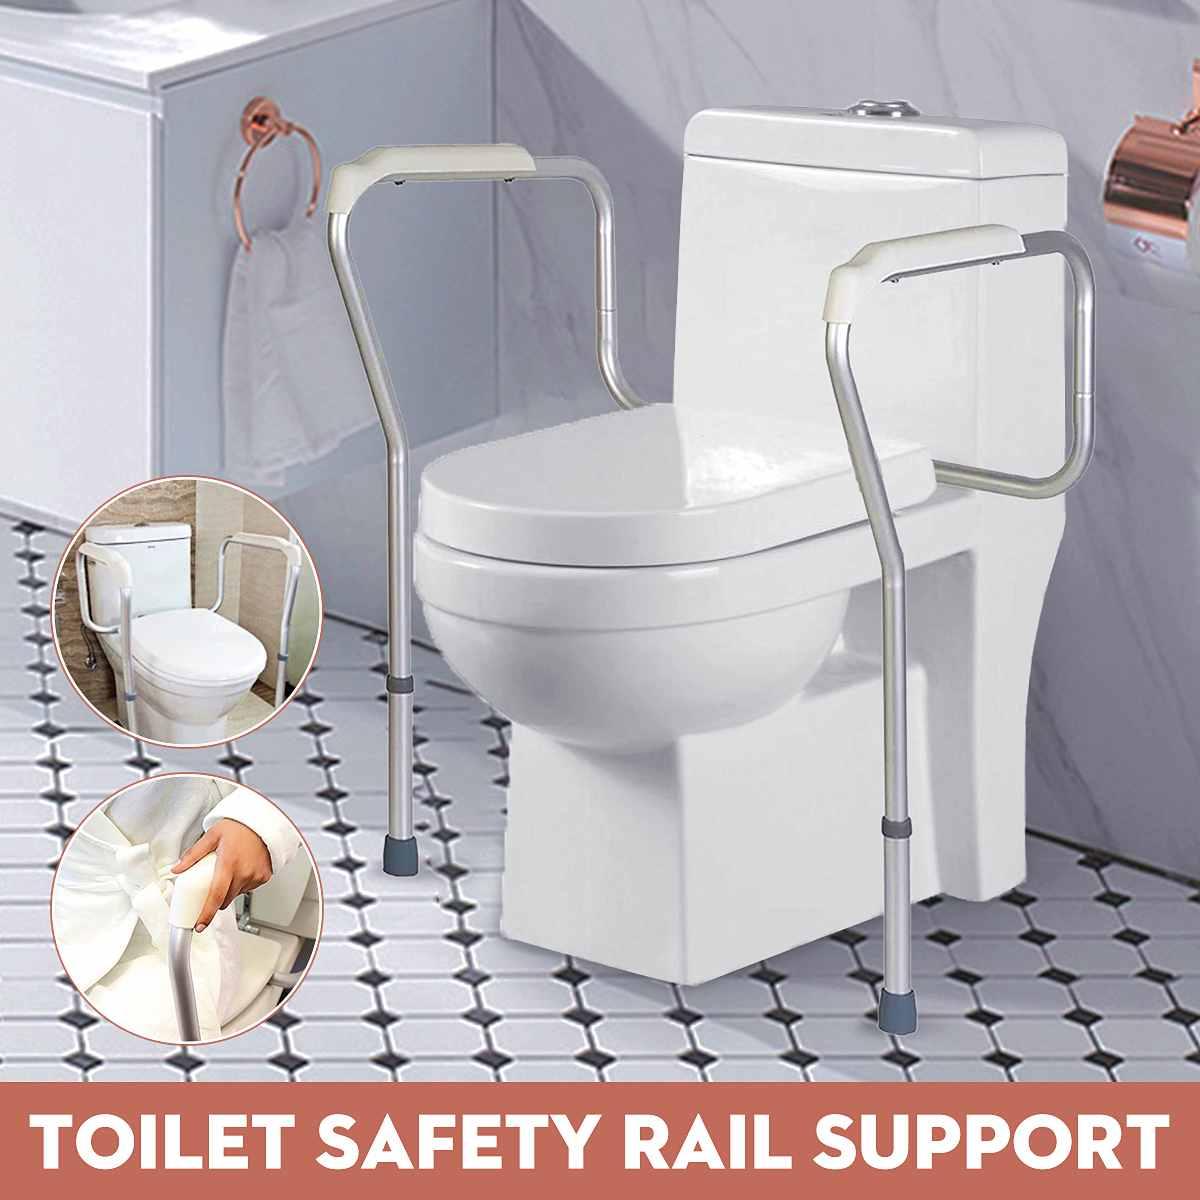 Akcesoria łazienkowe bezpieczeństwo toalety szyny regulowana rama wc Rack antypoślizgowa poręcz prysznicowa poręcz dla starszych w ciąży